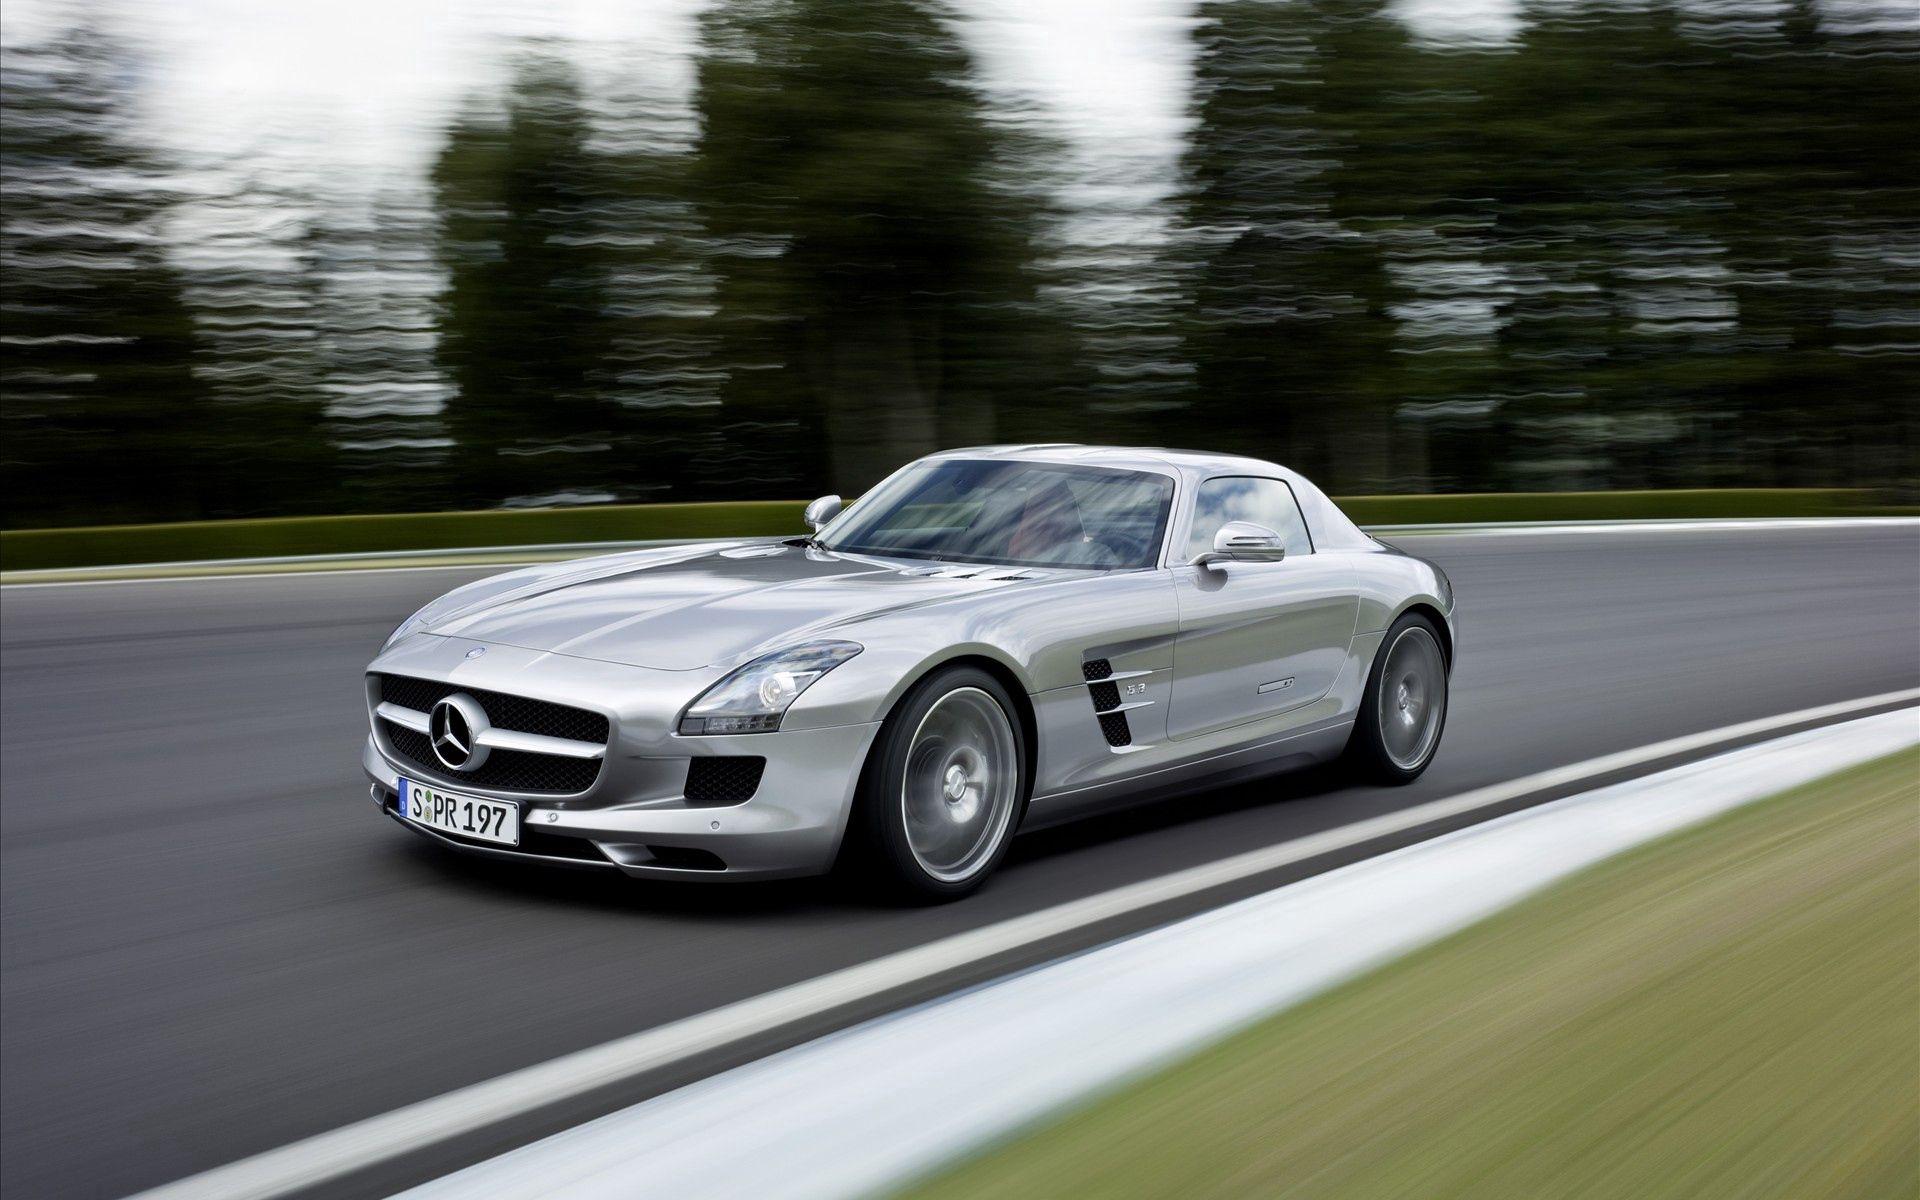 90038 скачать обои Мерседес (Mercedes), Тачки (Cars), Дорога, Серый, Скорость, Mercedes-Benz, Размытый, Sls - заставки и картинки бесплатно